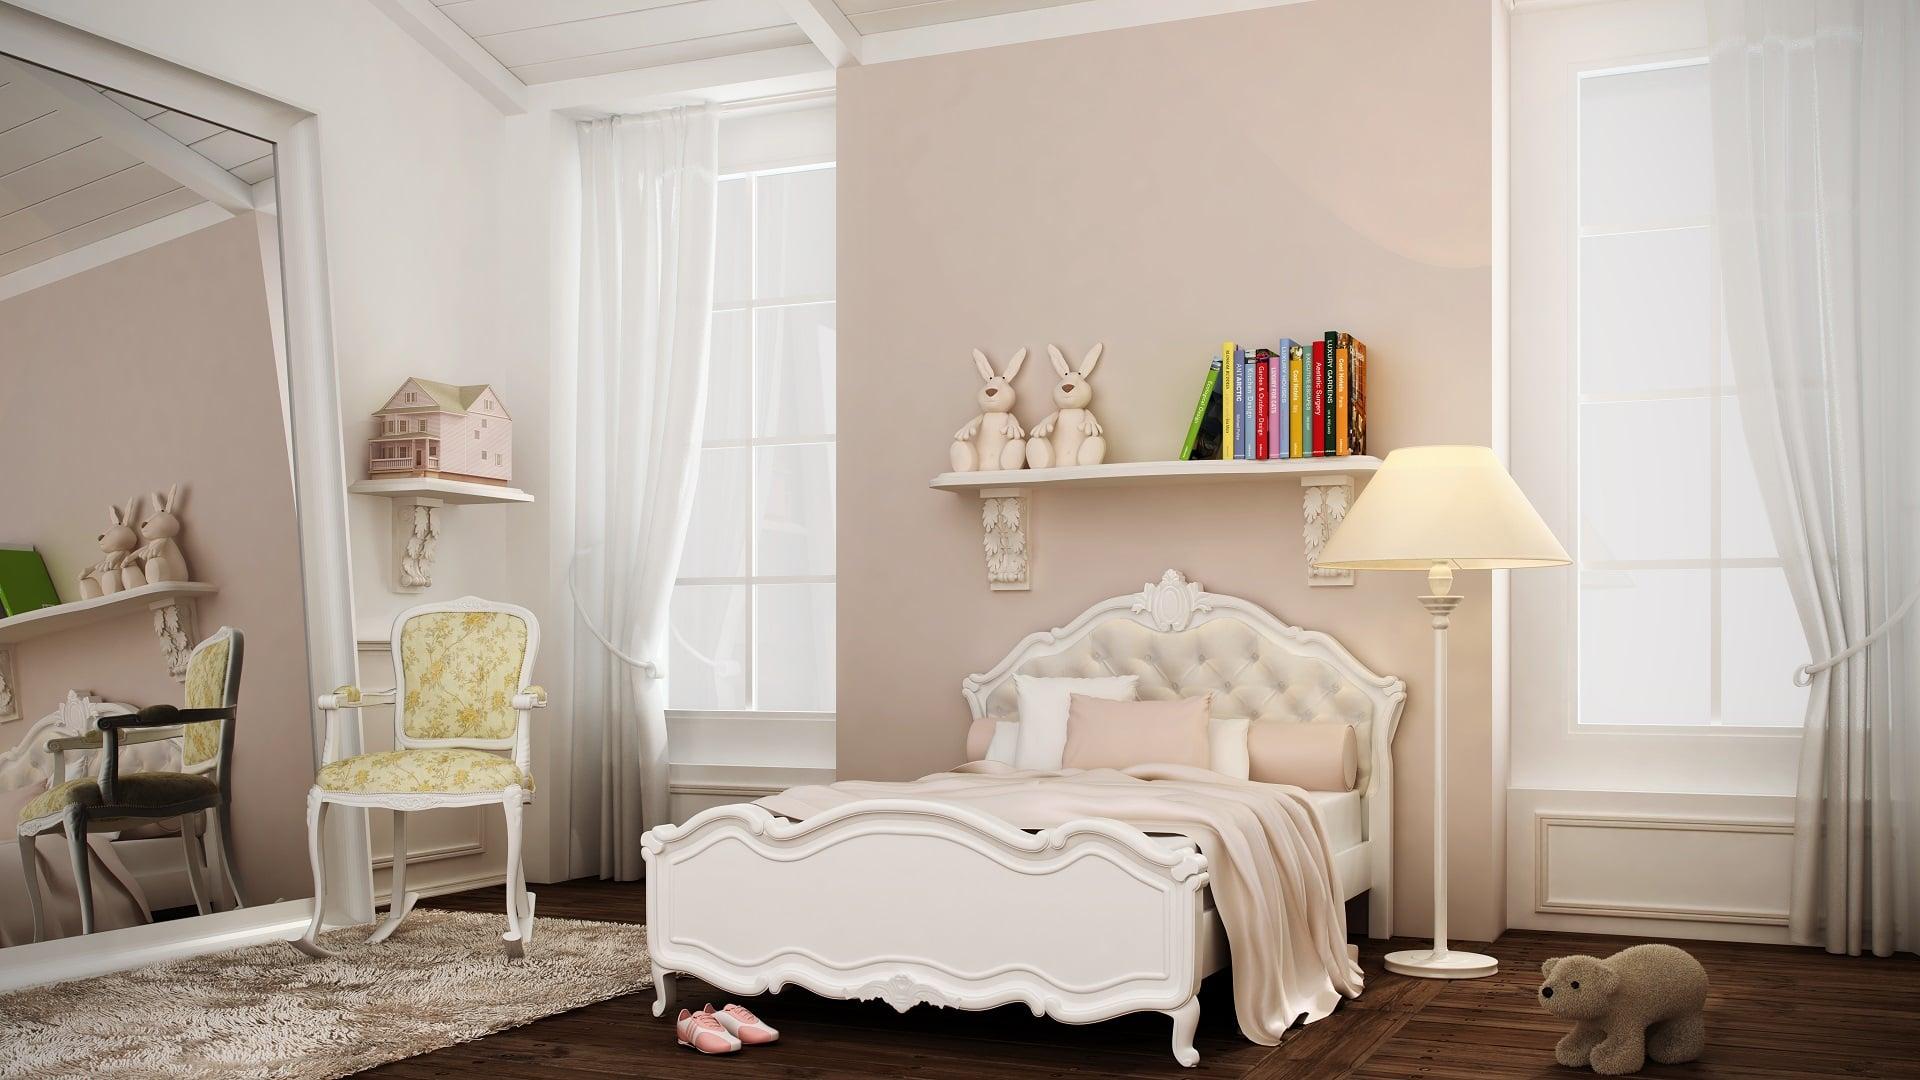 מיטה לילדים ונוער קפיטונז HD